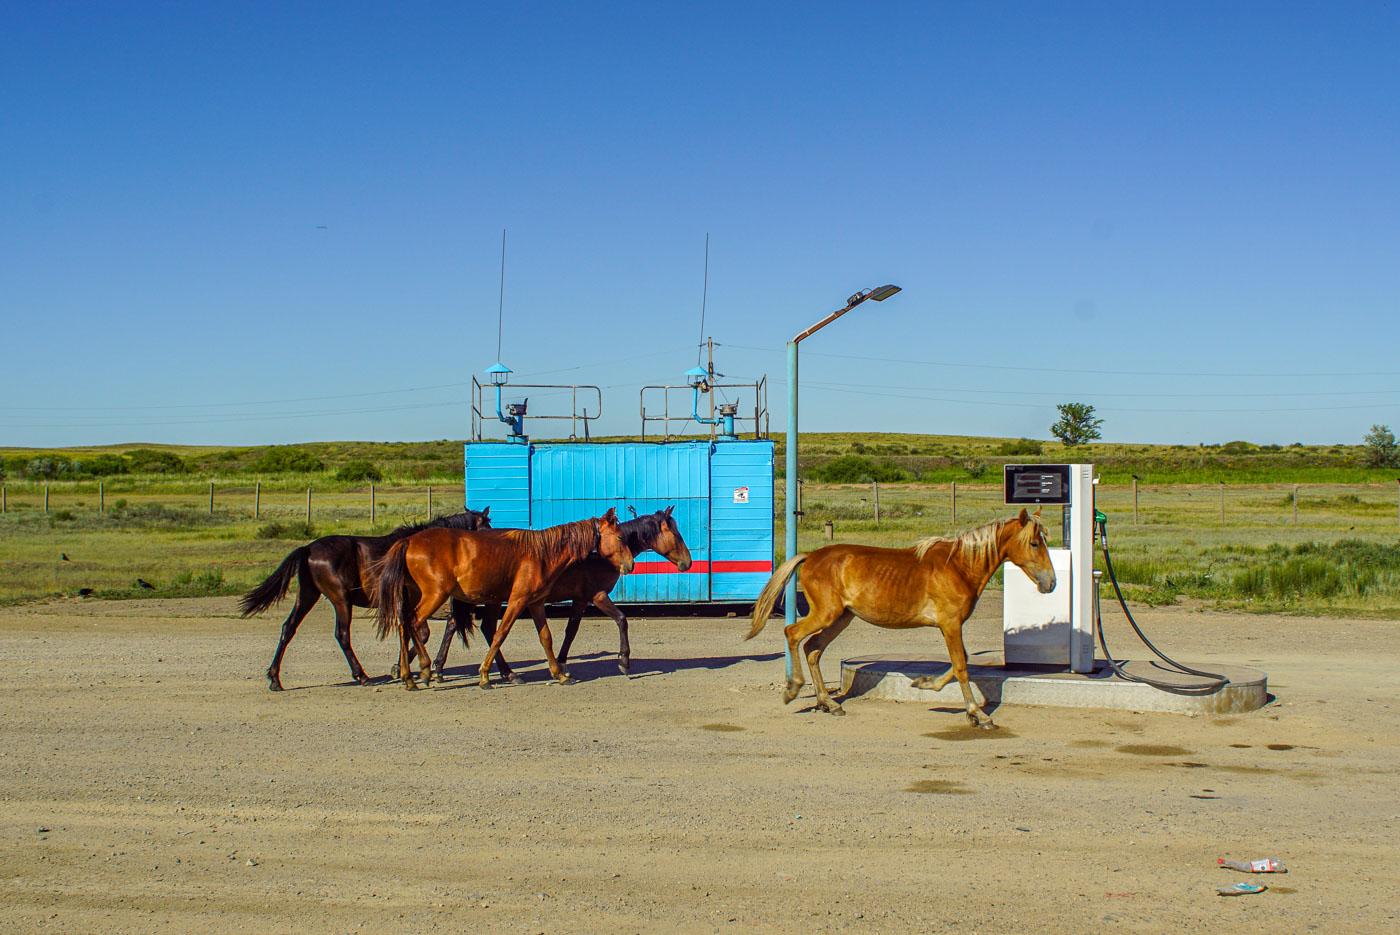 Zu sehen ist eine kleine Tankstelle mit nur einer Säule in Kasachstan. Ganz dicht traben vier braune Pferde vorbei.